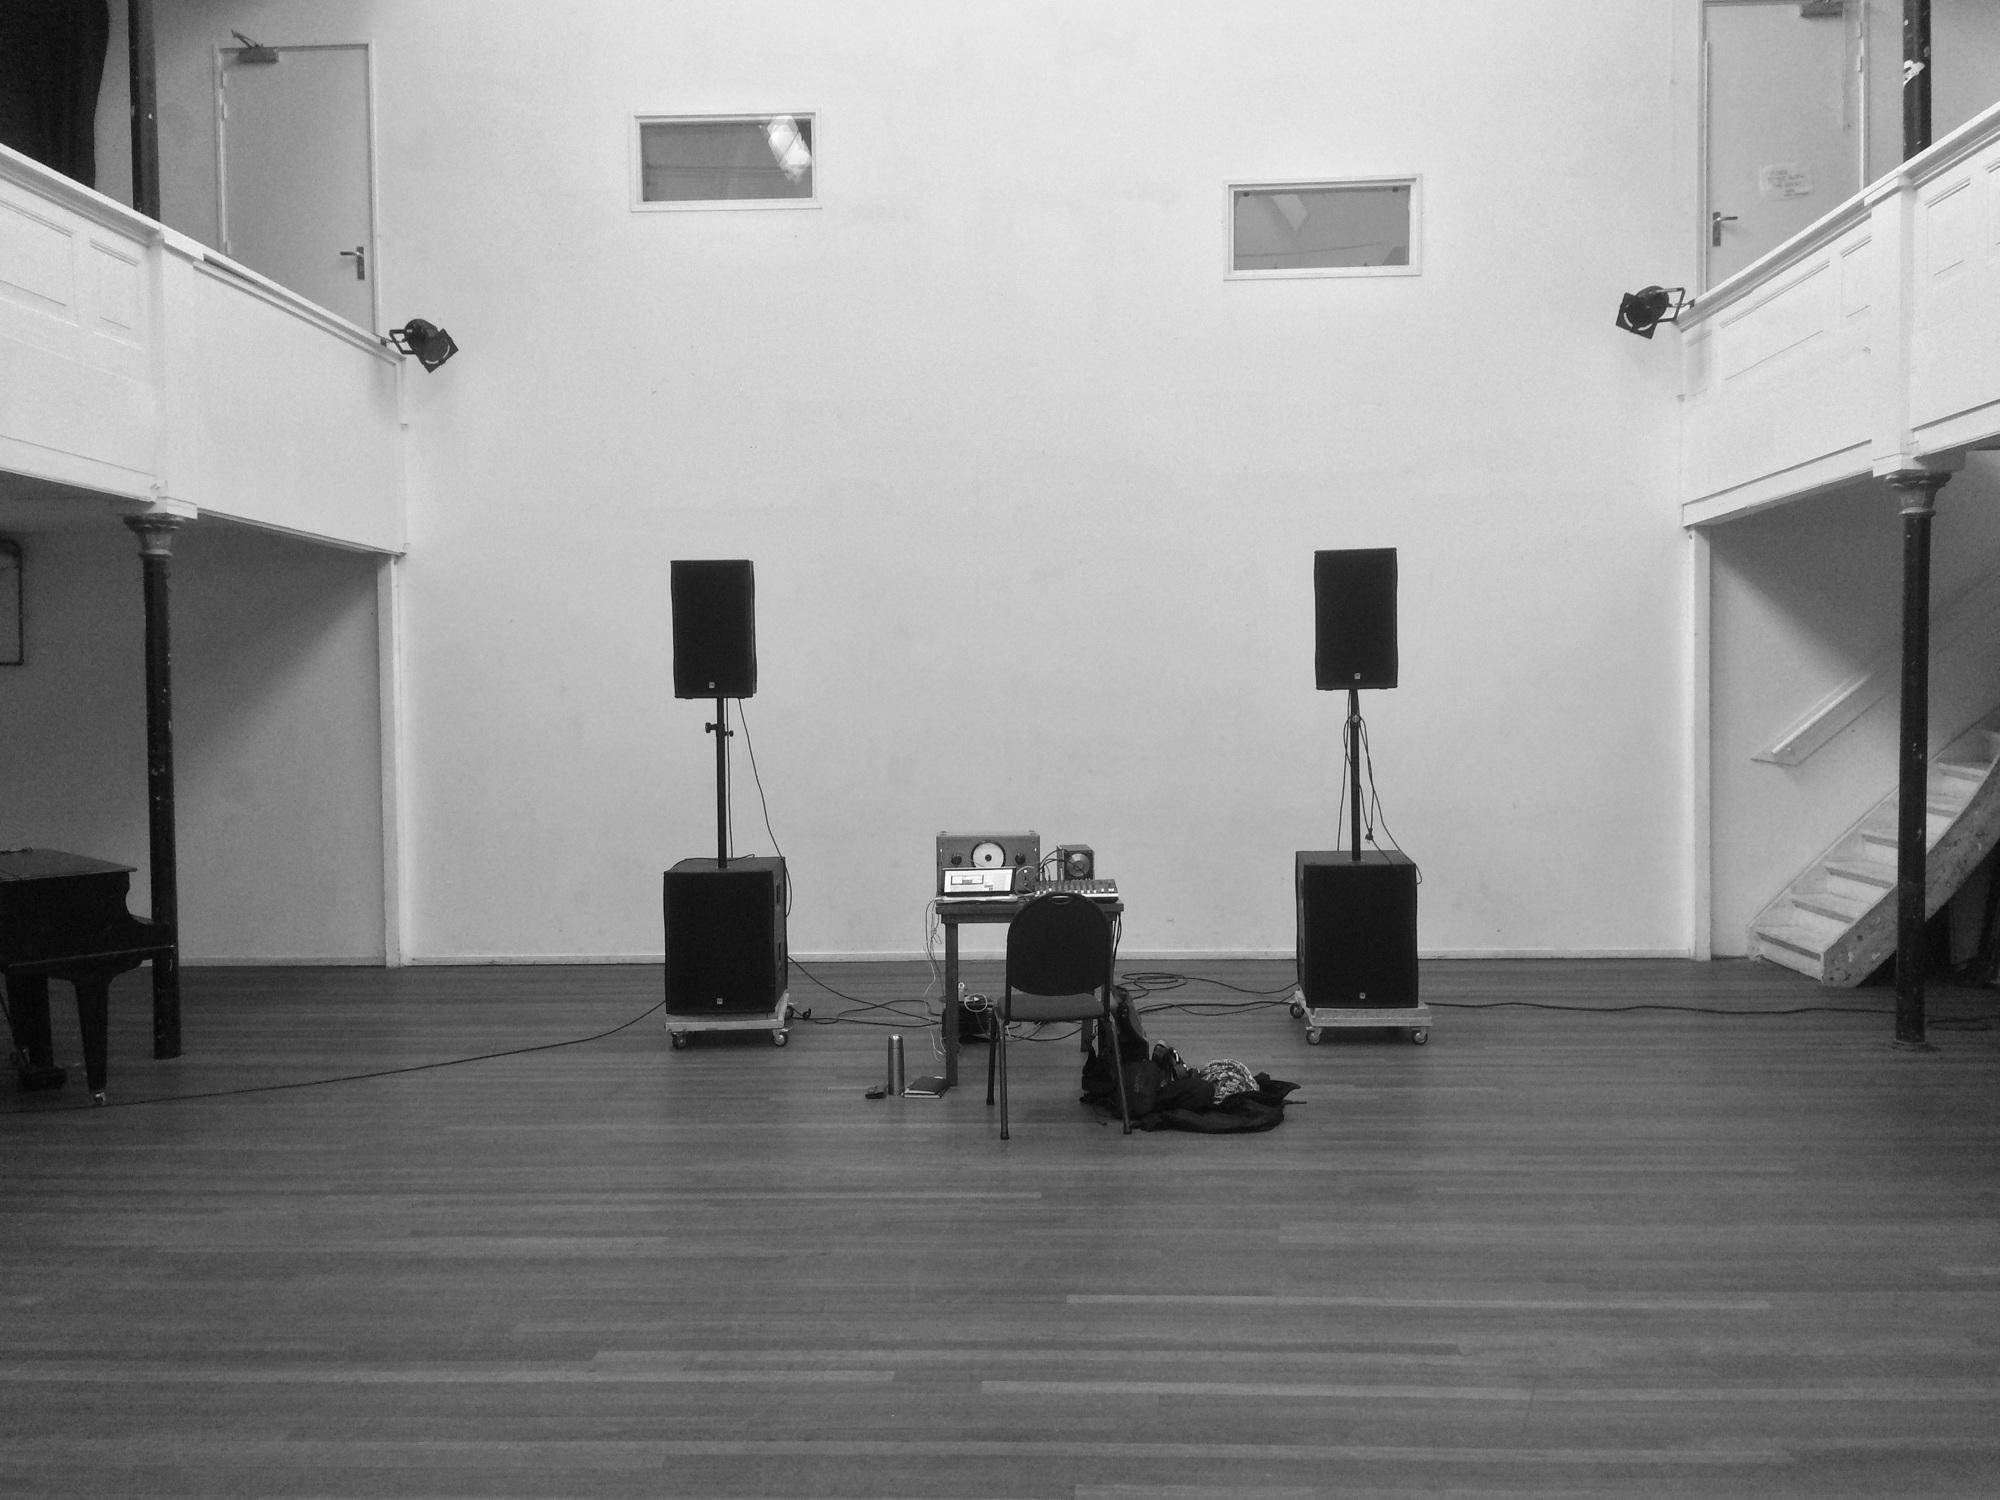 INFRASOUND - Frank Rosaly